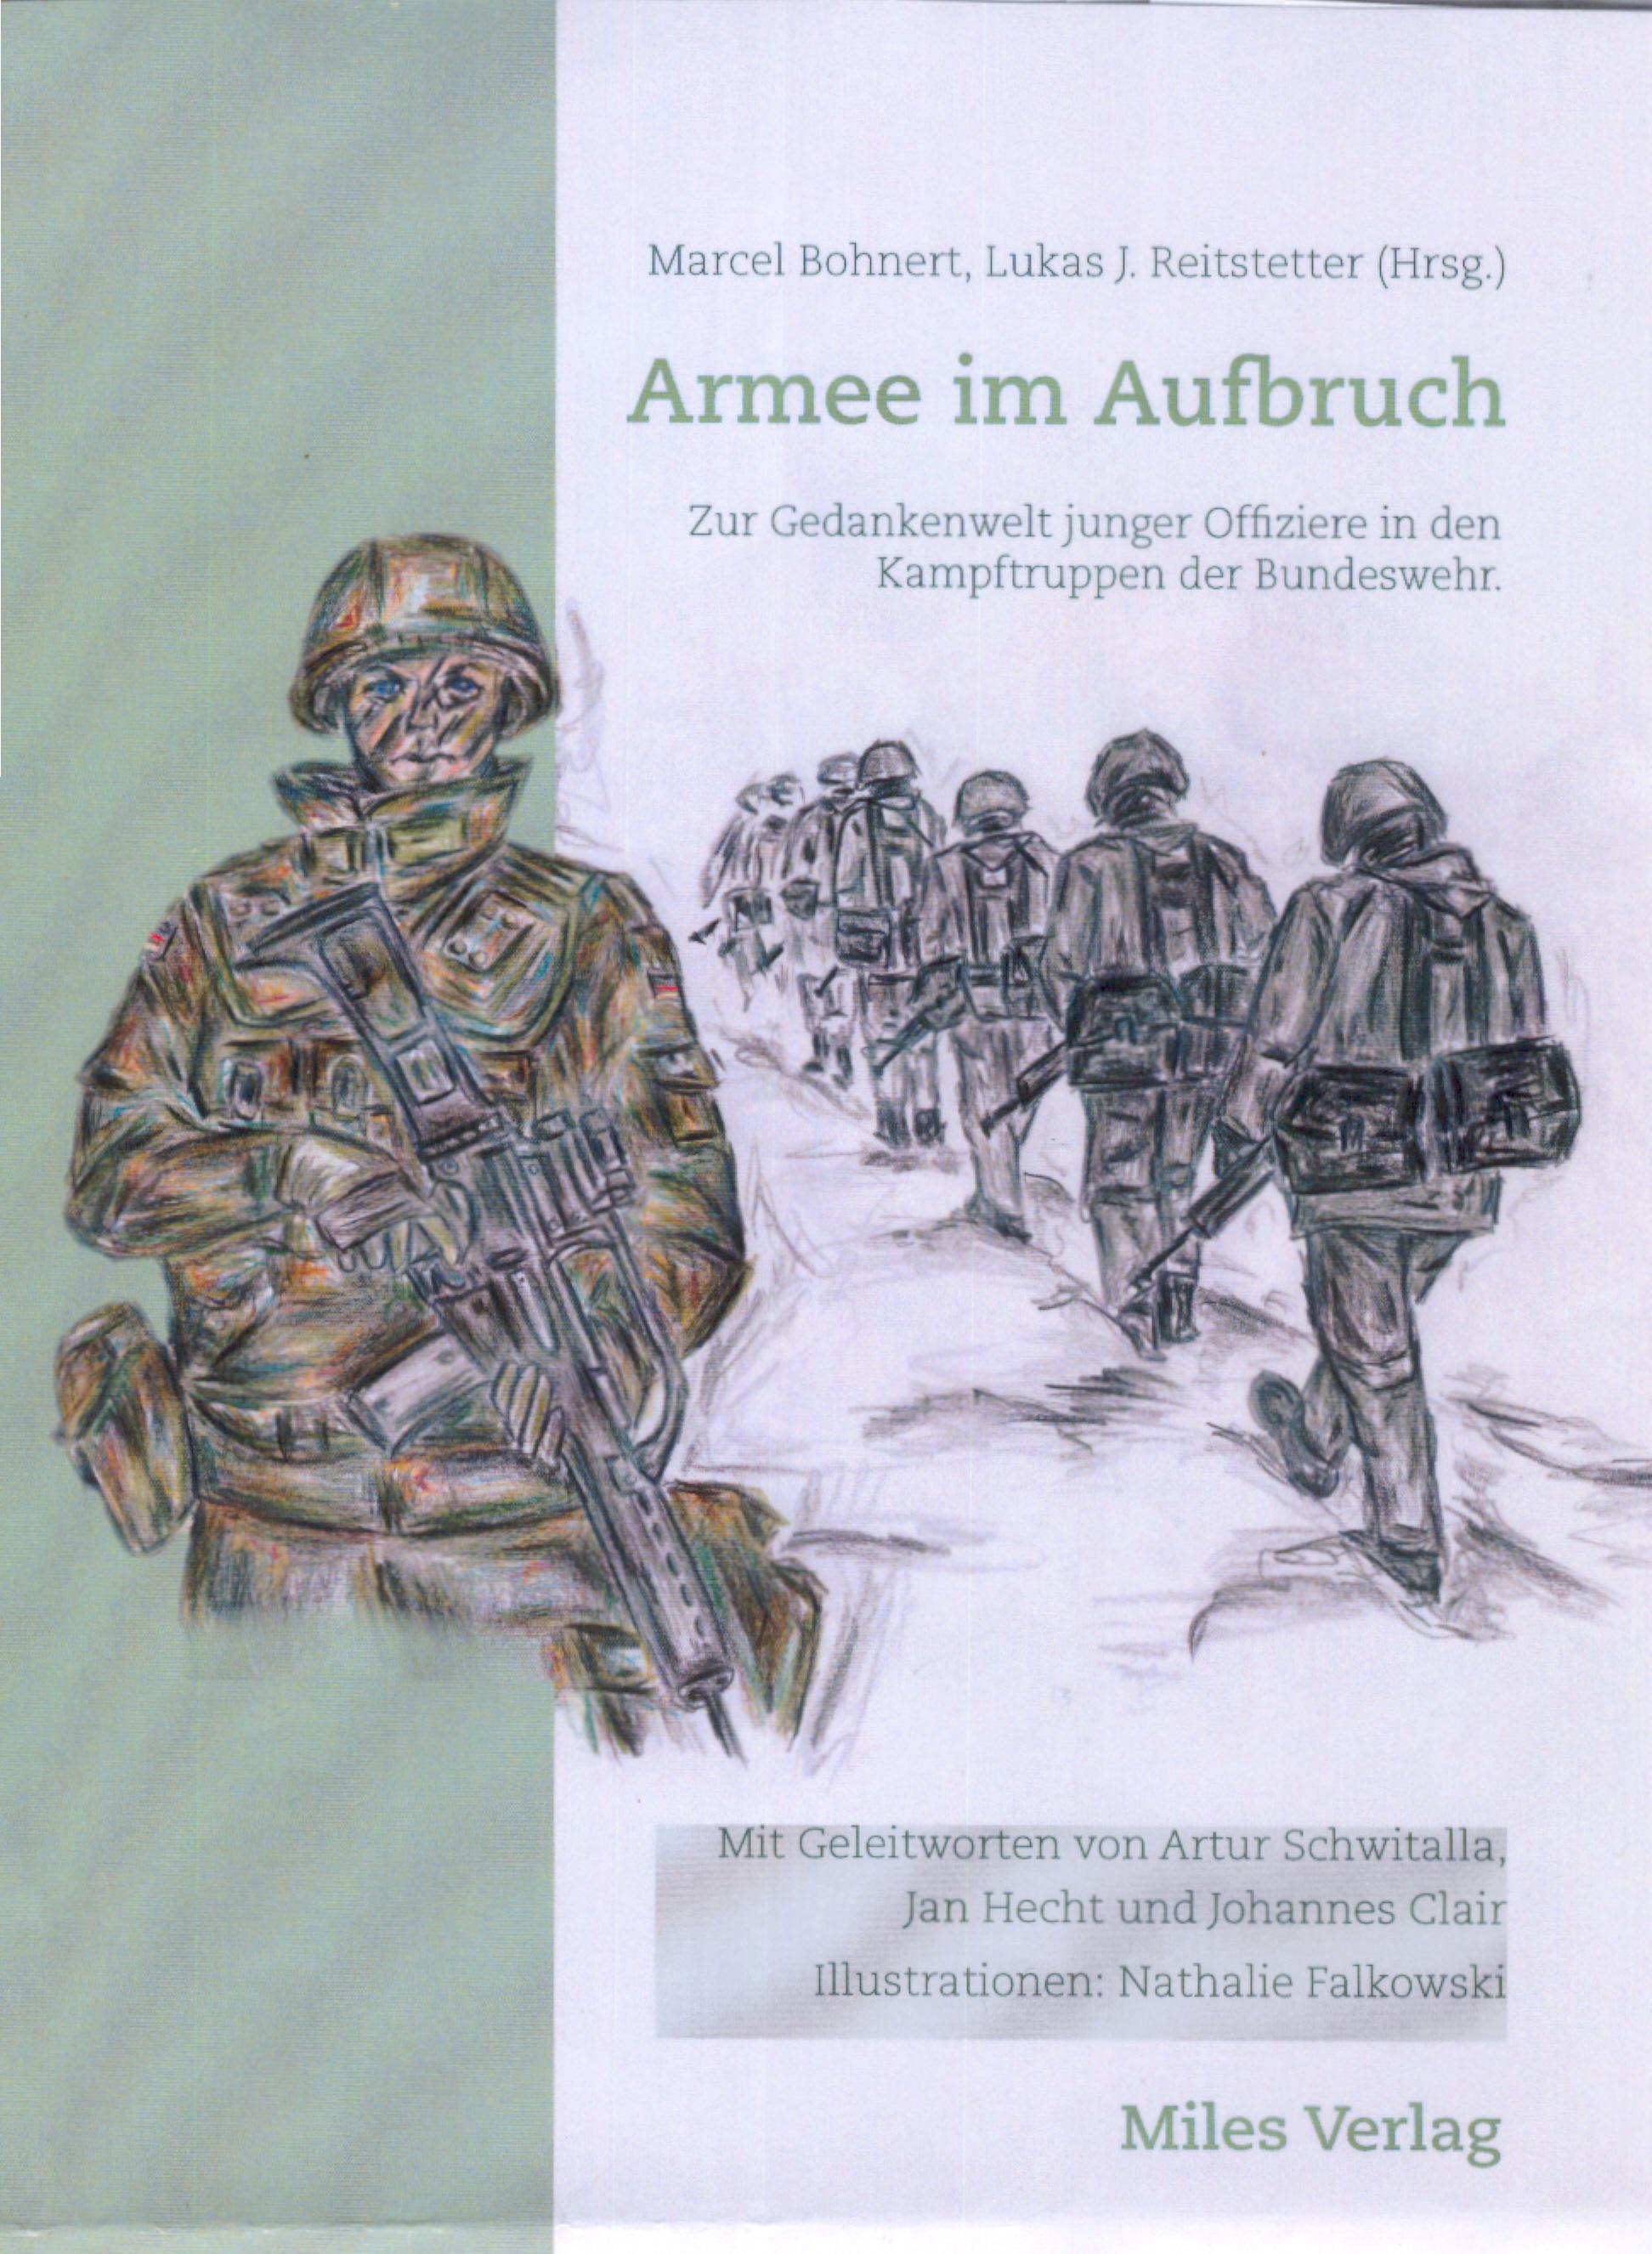 Armee im Aufbruch: Zur Gedankenwelt junger Offi...